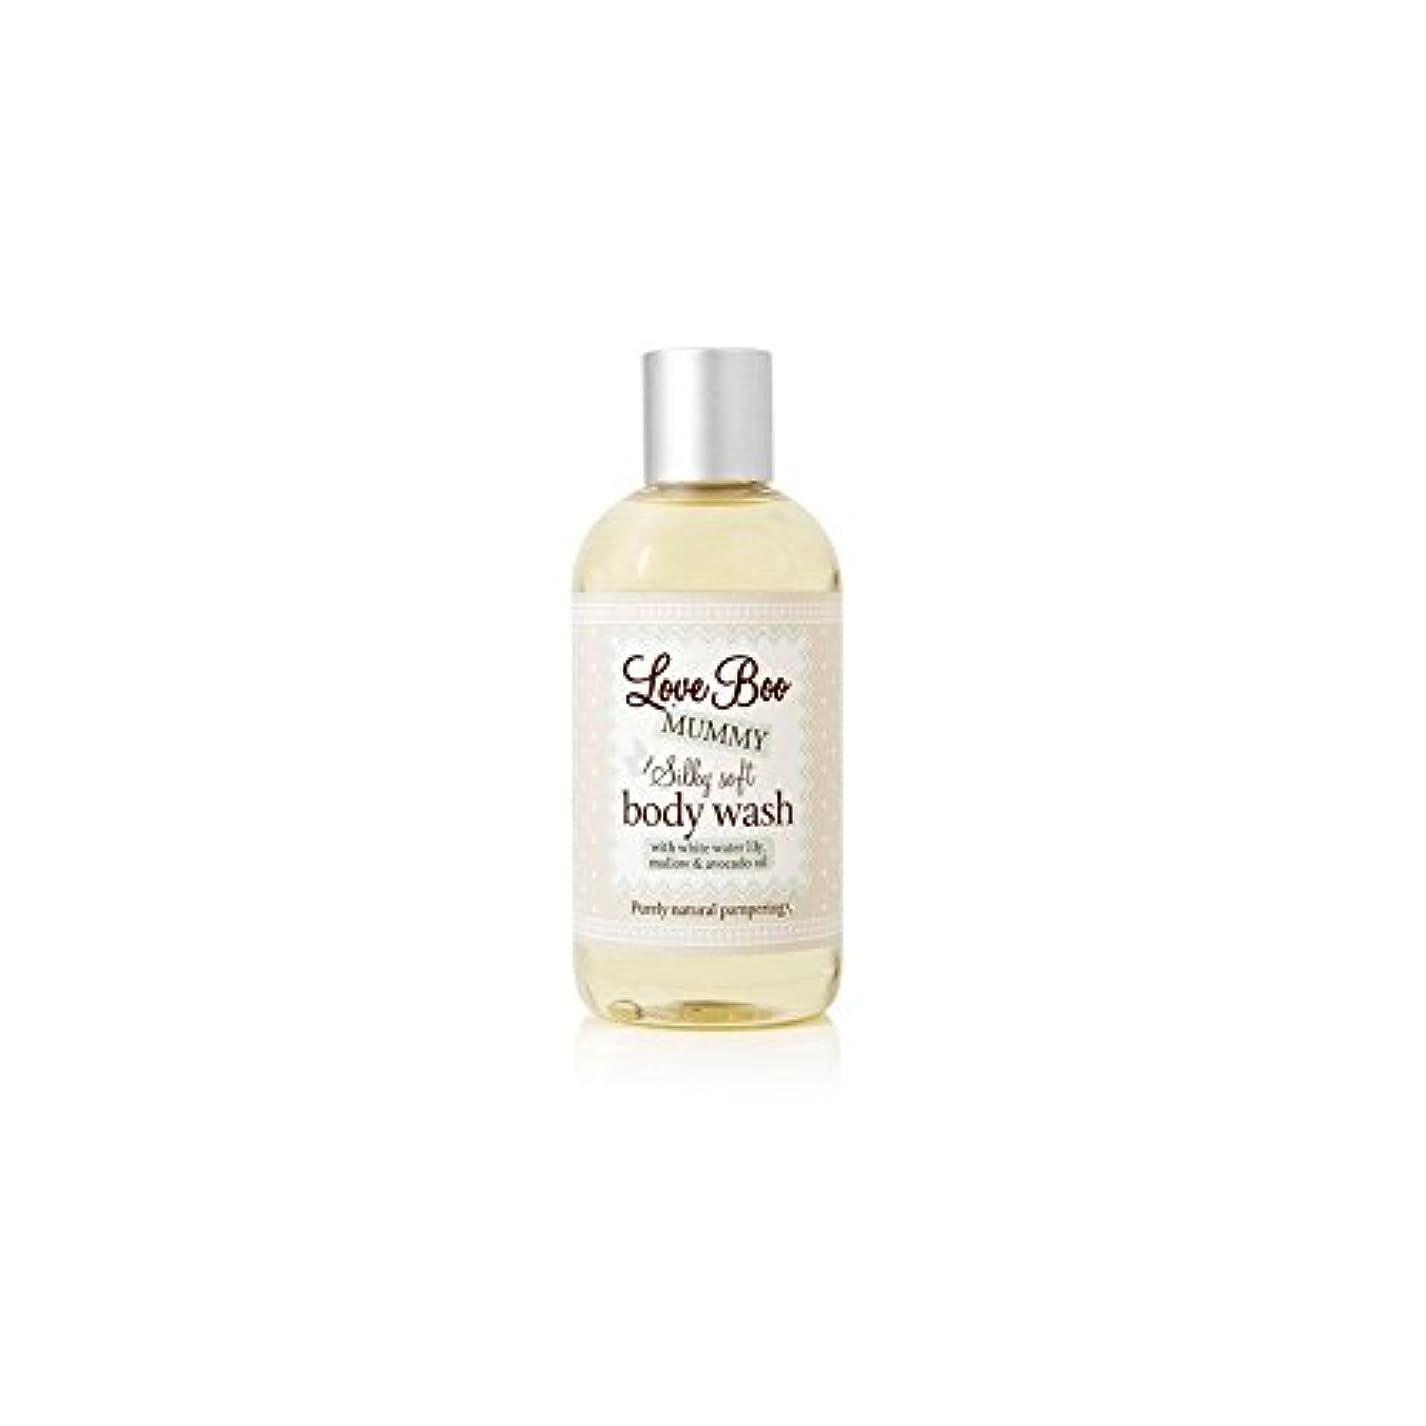 種をまく素晴らしきダイヤルLove Boo Silky Soft Body Wash (250ml) - 絹のようなソフトボディウォッシュ(250ミリリットル)愛 [並行輸入品]